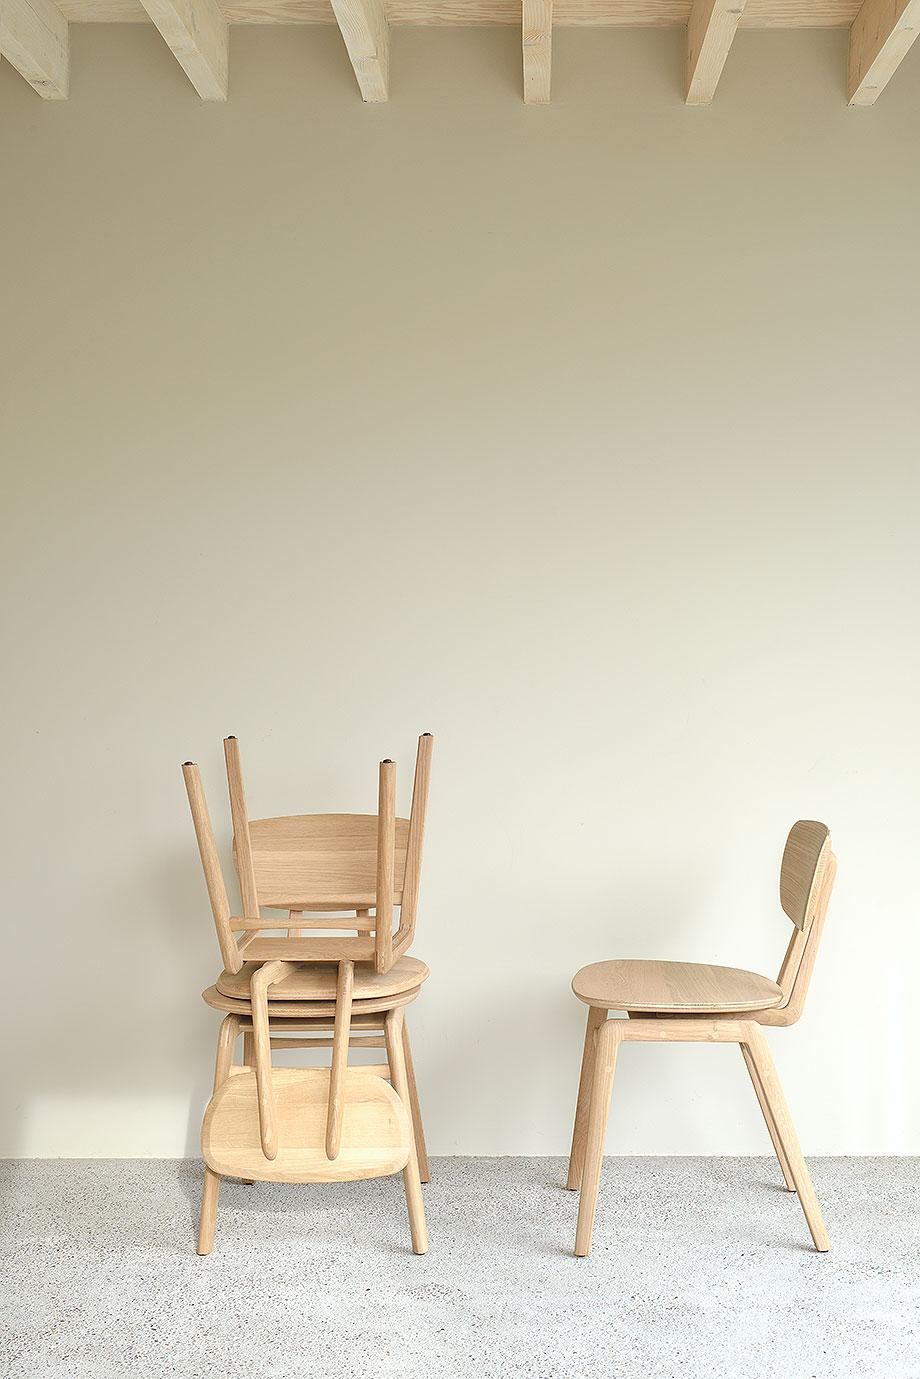 silla de comedor pebble de alain van havre para ethnicraft (1)